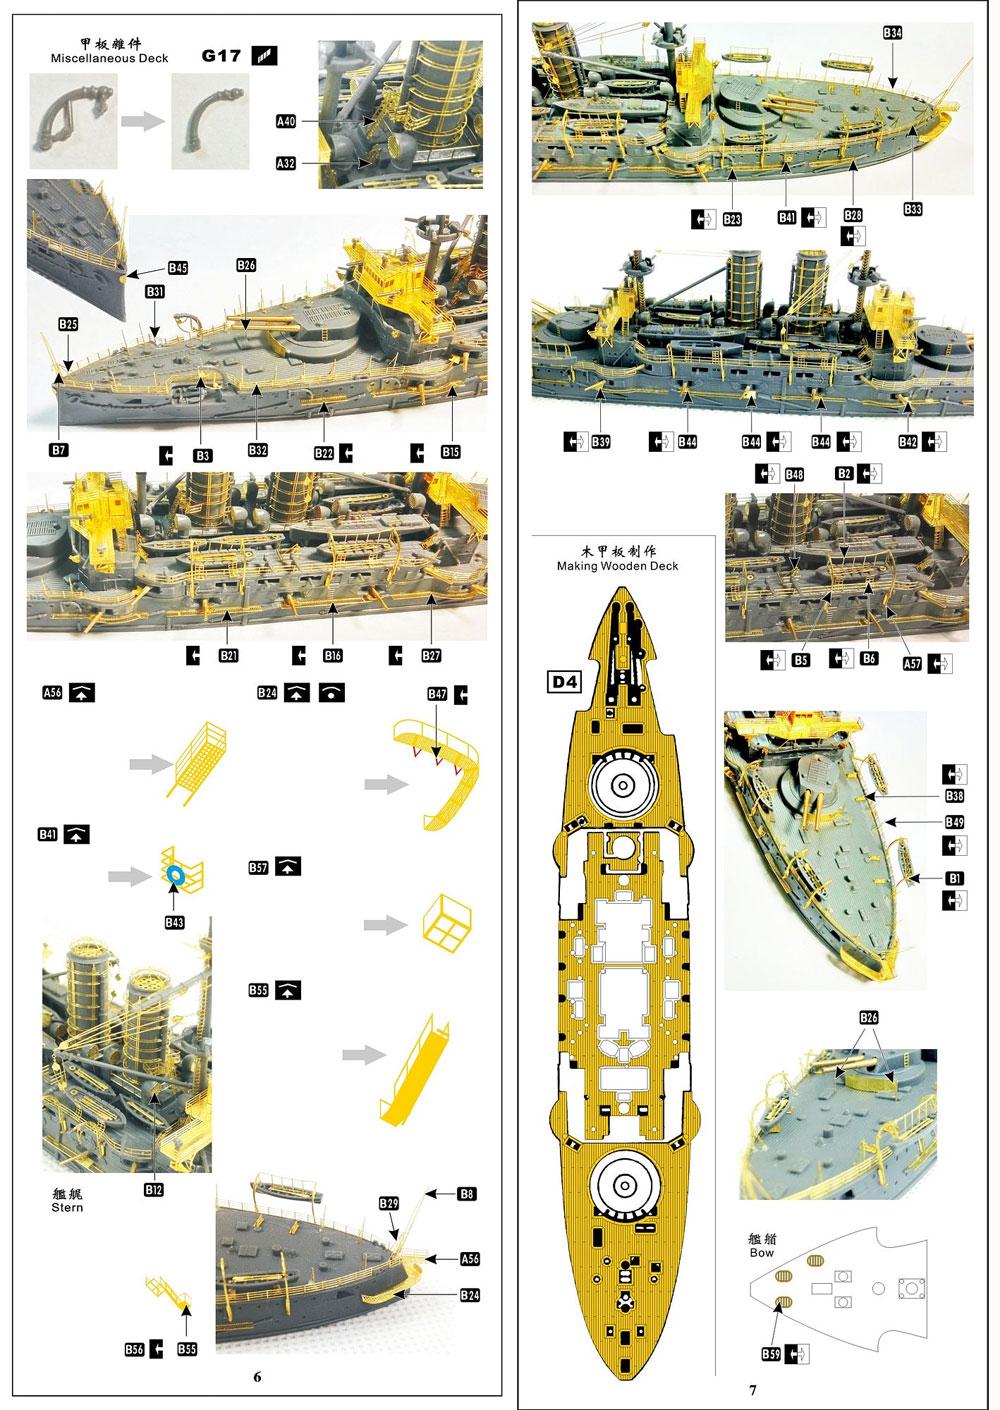 日本海軍 戦艦 三笠 スーパーディテール (ハセガワ用)エッチング(シップ ヤード ワークス1/700 ディテールアップパーツNo.700001)商品画像_4